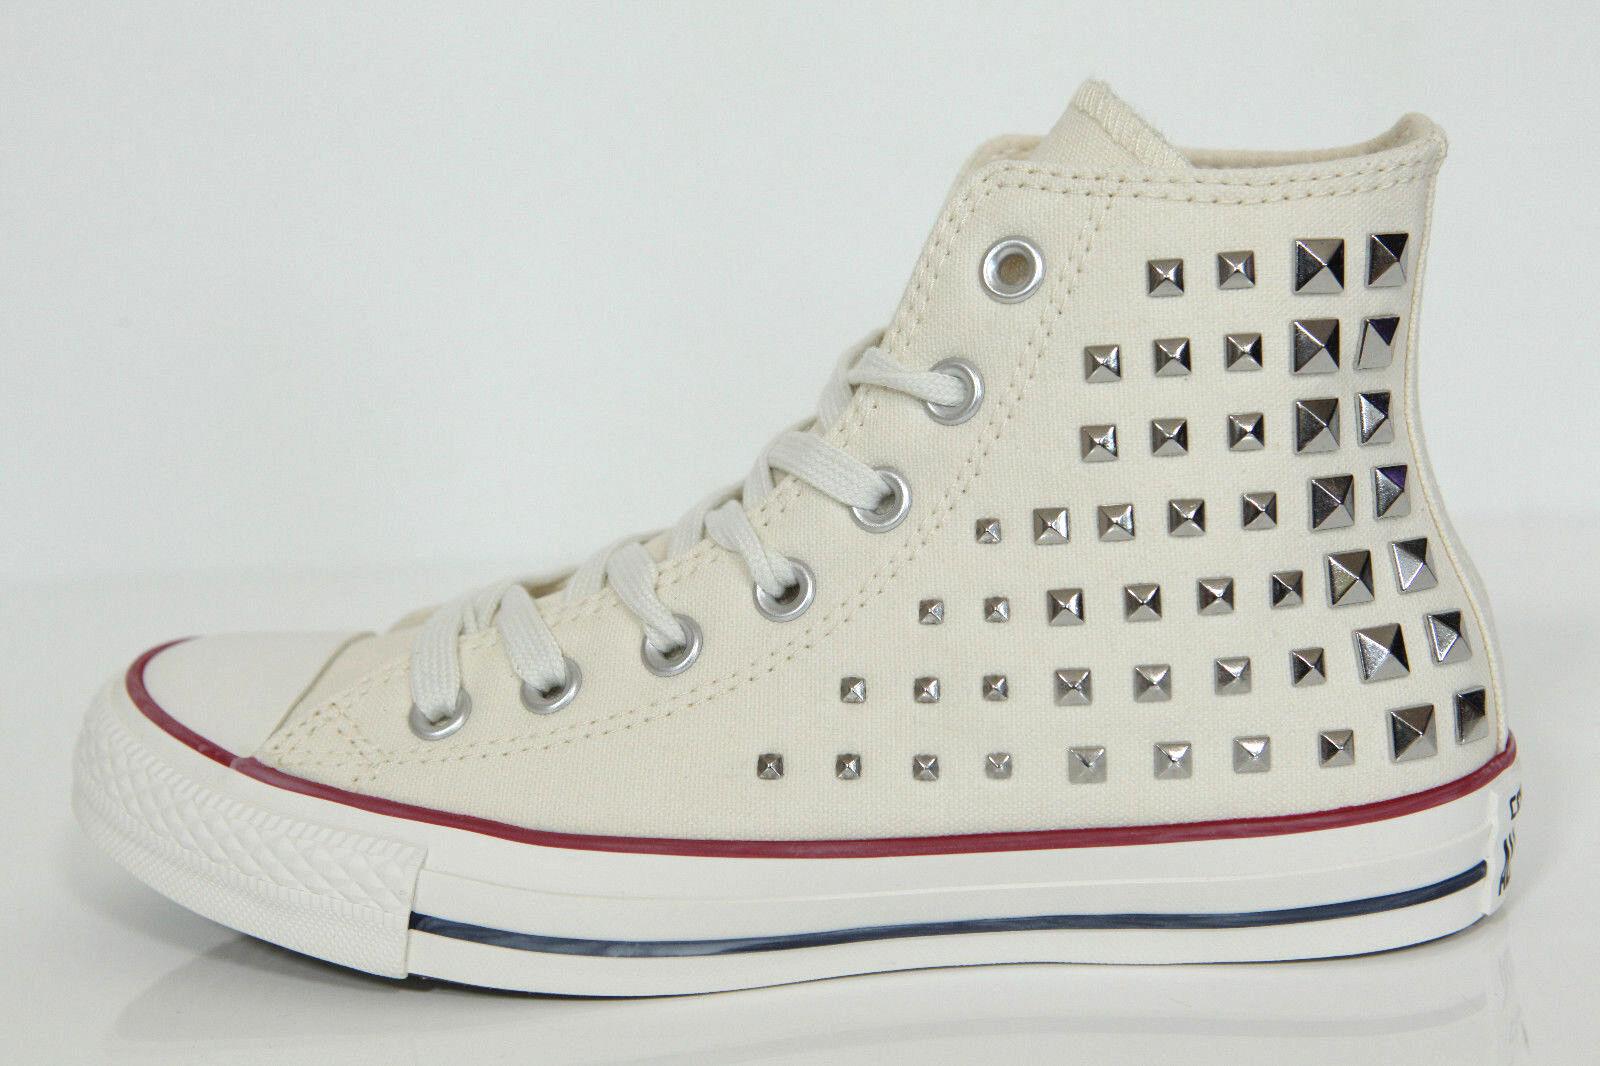 Neu All Star Converse Chucks Hi Collar Studded Nieten Sneaker Egret 540367c